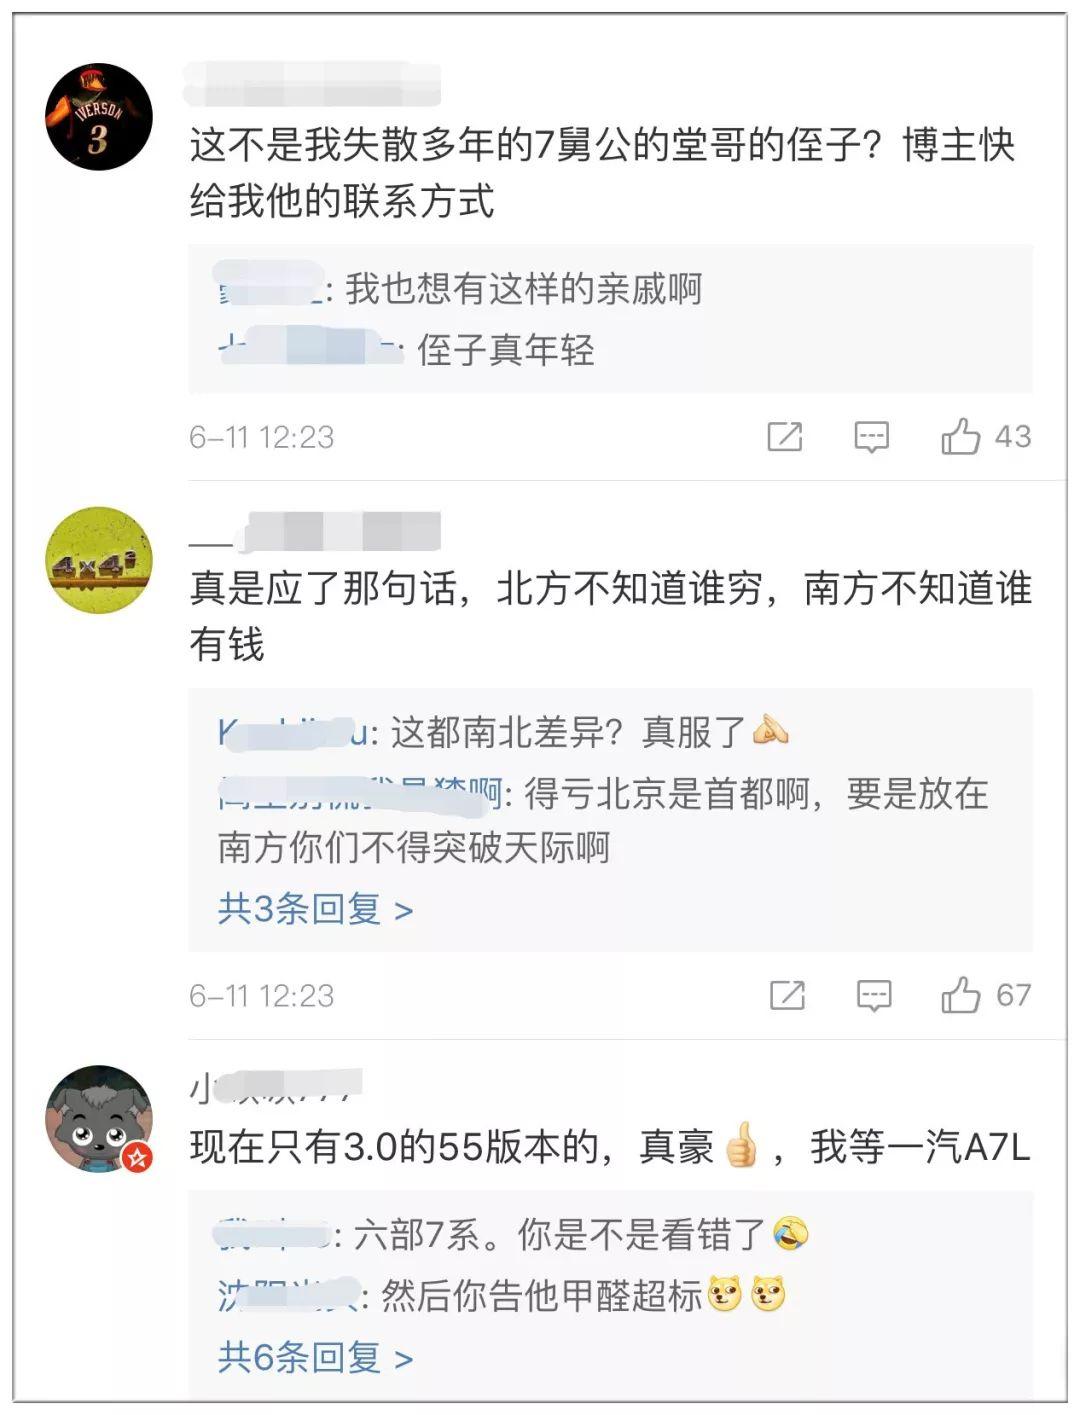 广东土豪阿伯刷爆朋友圈!一口气买了6部宝马7系?网曝真相系…